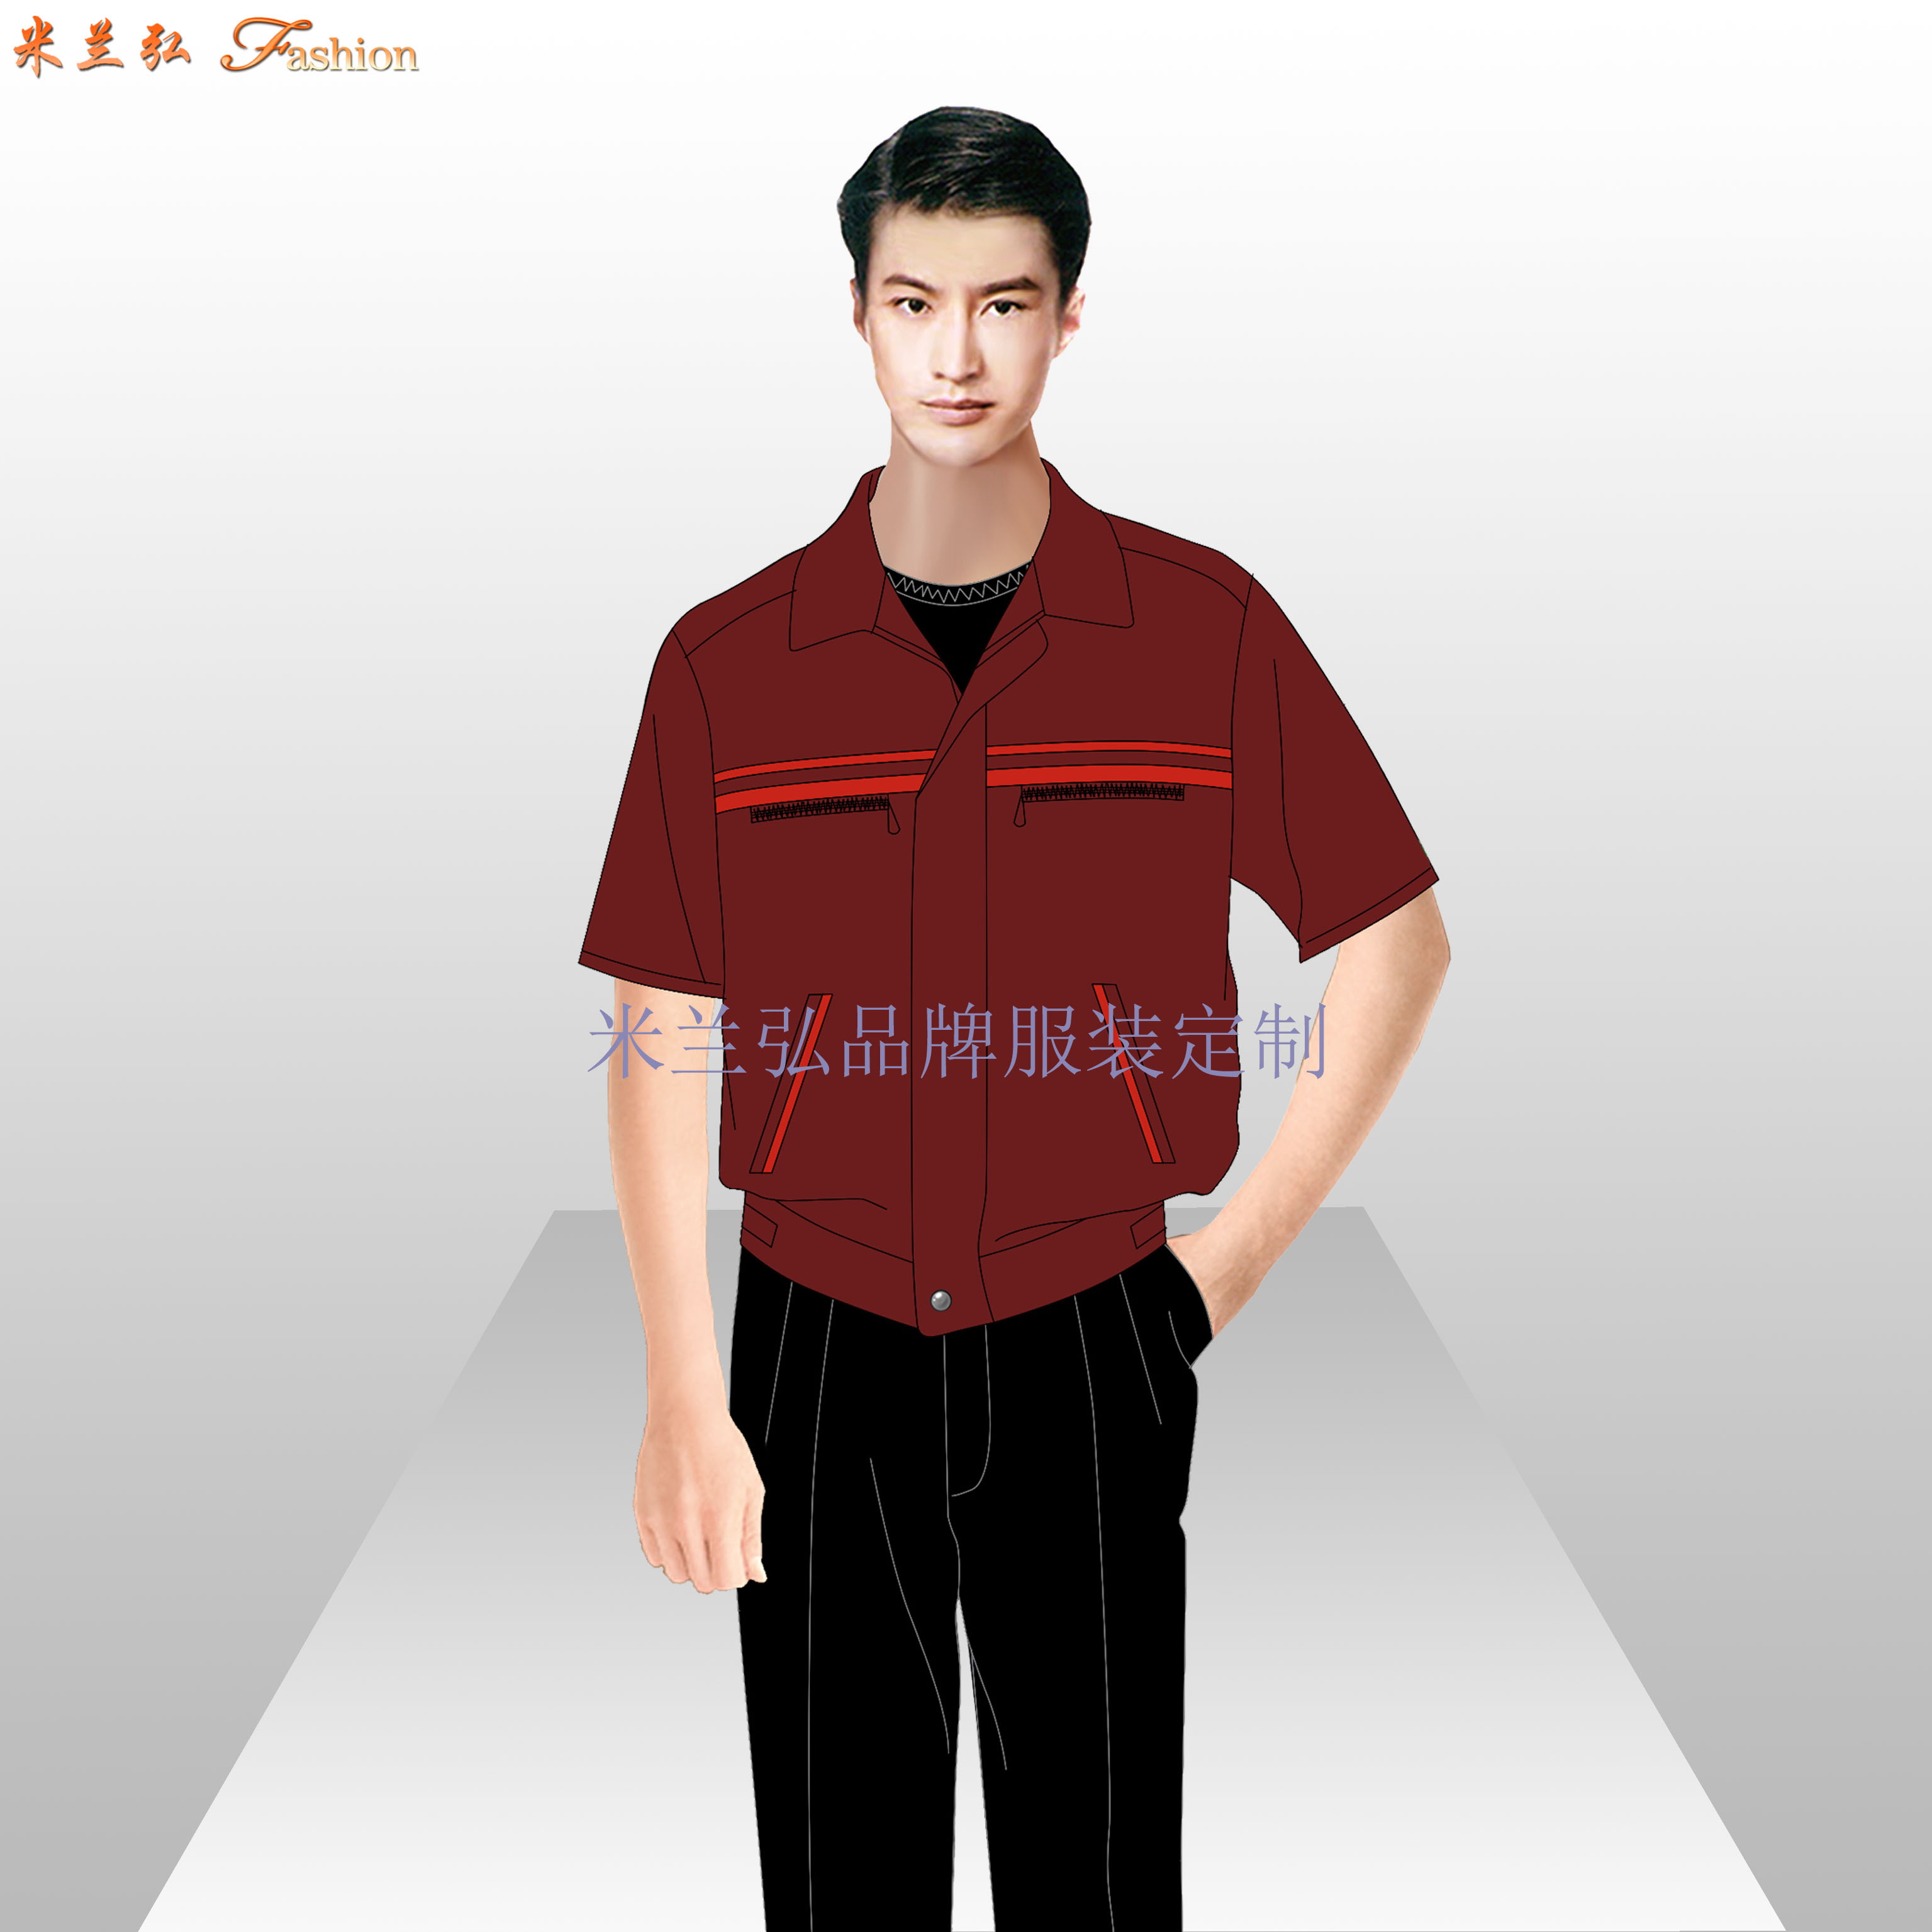 北京物業工作服定做-工程部工服價格-米蘭弘服裝廠家-2